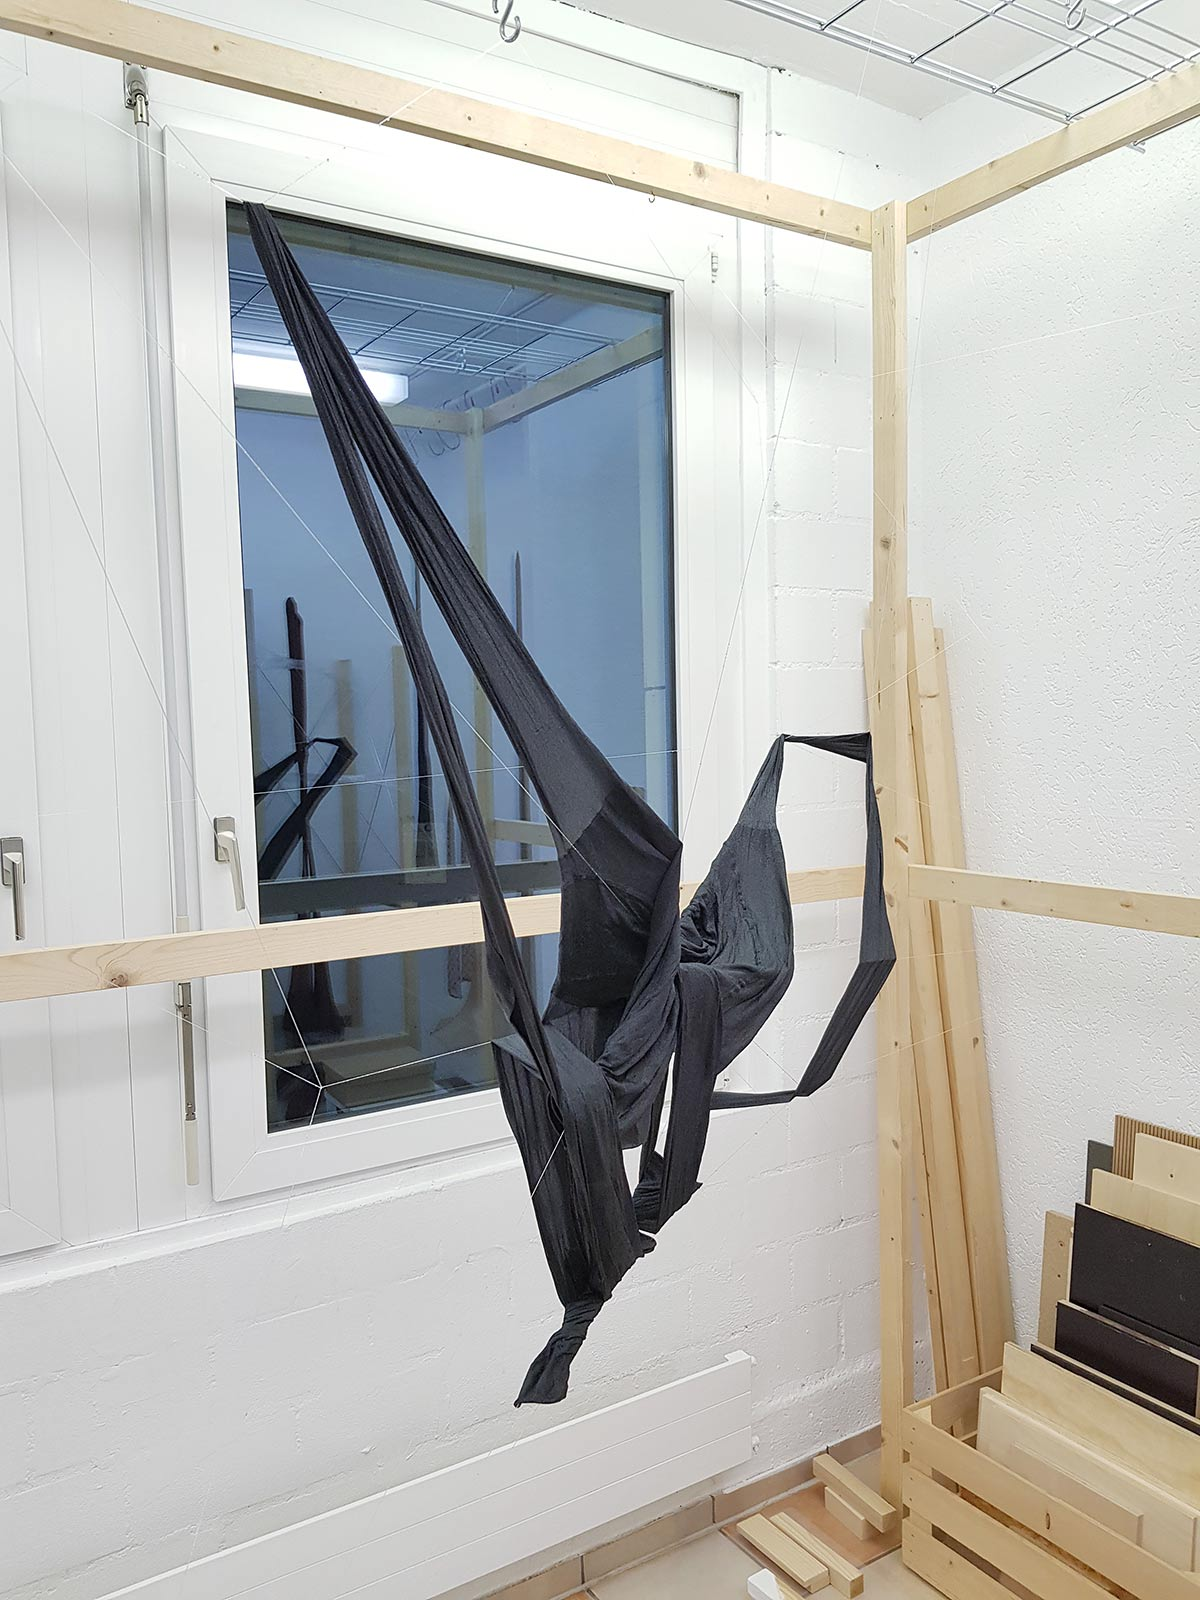 Ateliersituation mit der Herstellung eines Objektes mit schwarzen Polyamid-Strumpfhosen und Epoxidharz